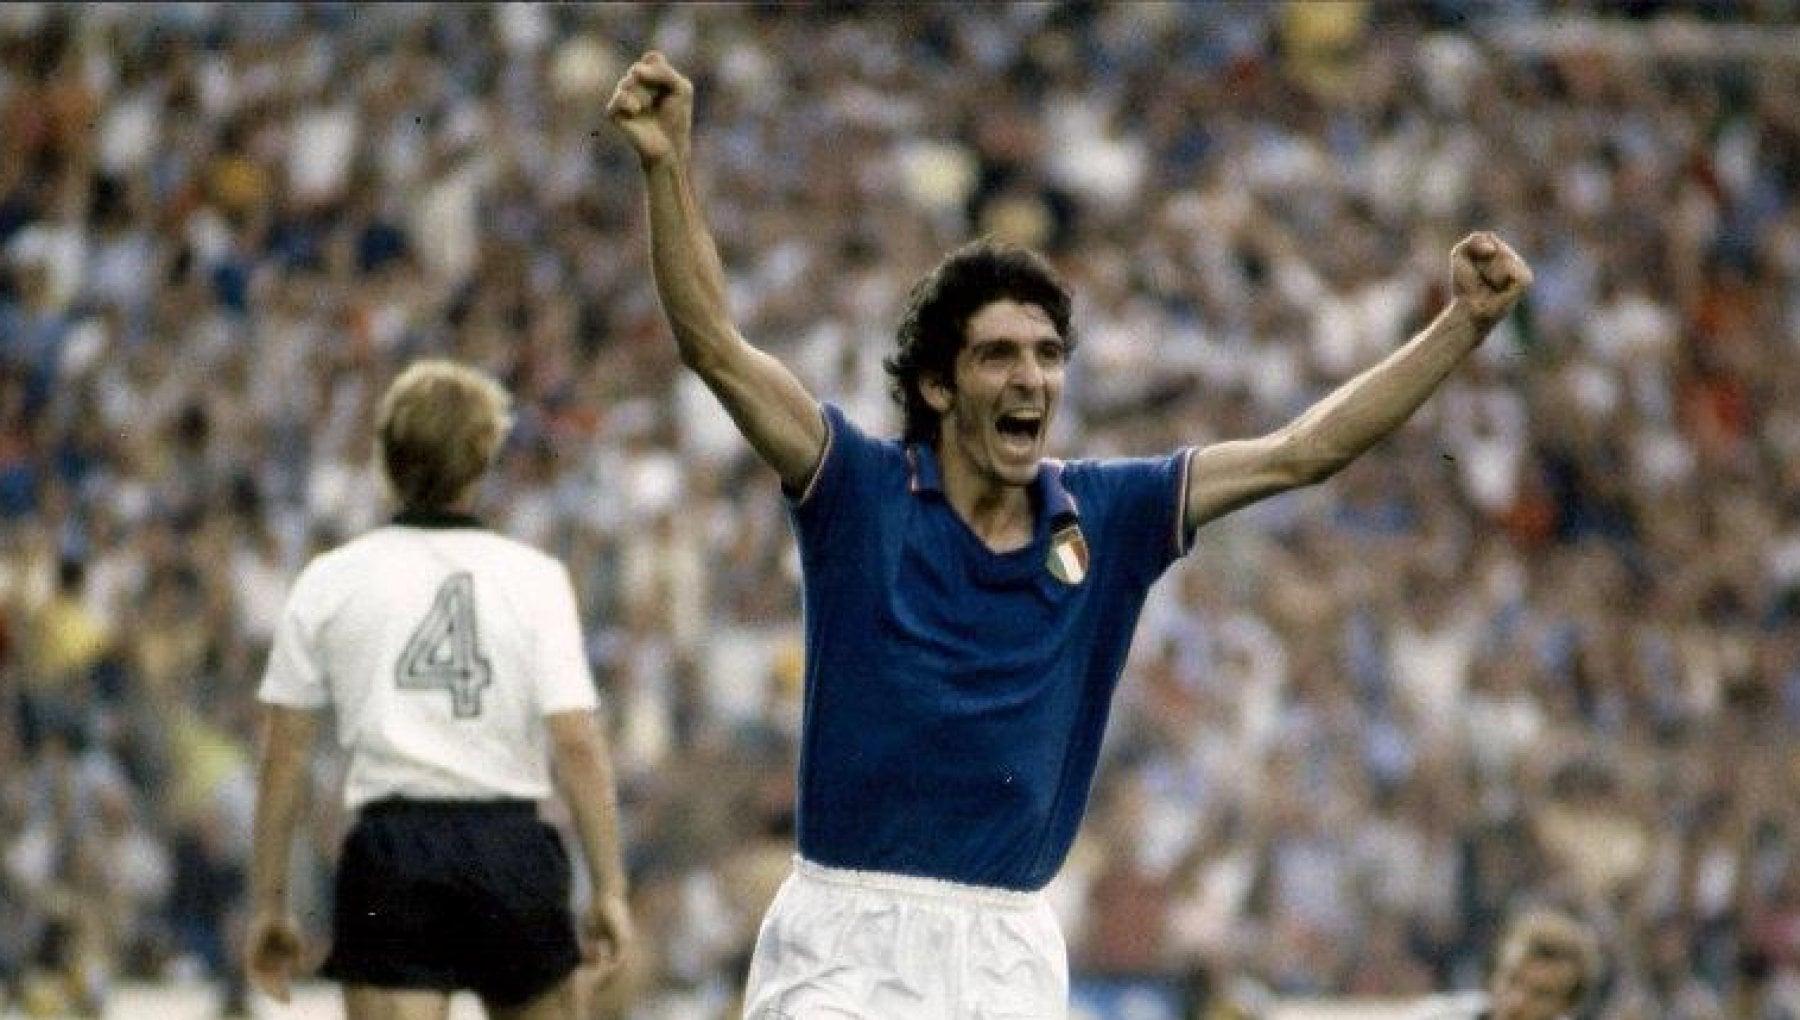 E morto Paolo Rossi leroe del Mundial 82